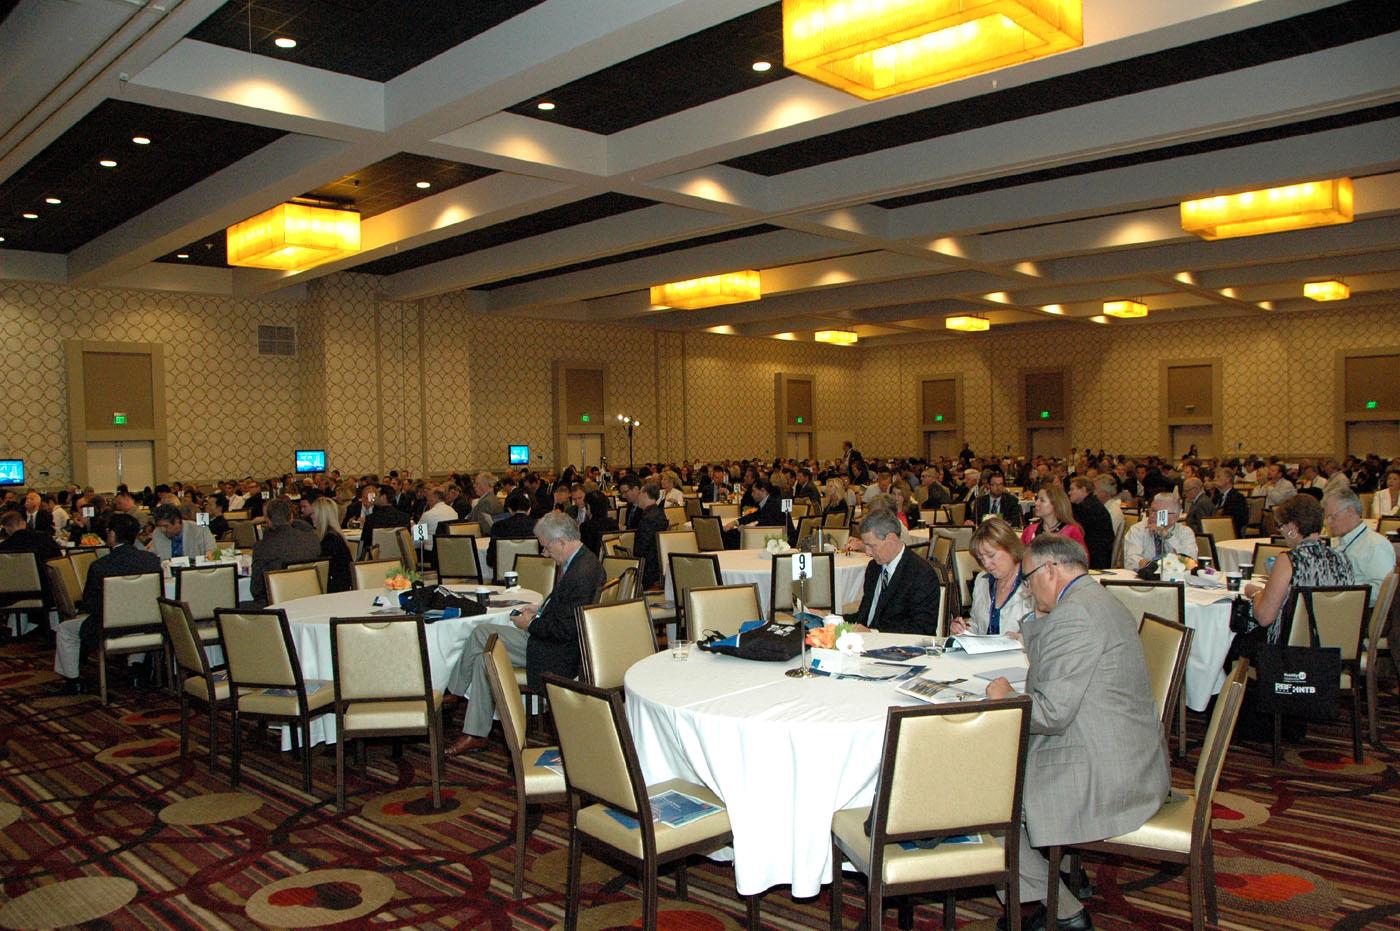 Un aspecto de la cumbre anula Mobility que tuvo lugar en el hotel JW de LA LIve en el centro de Los Angeles.